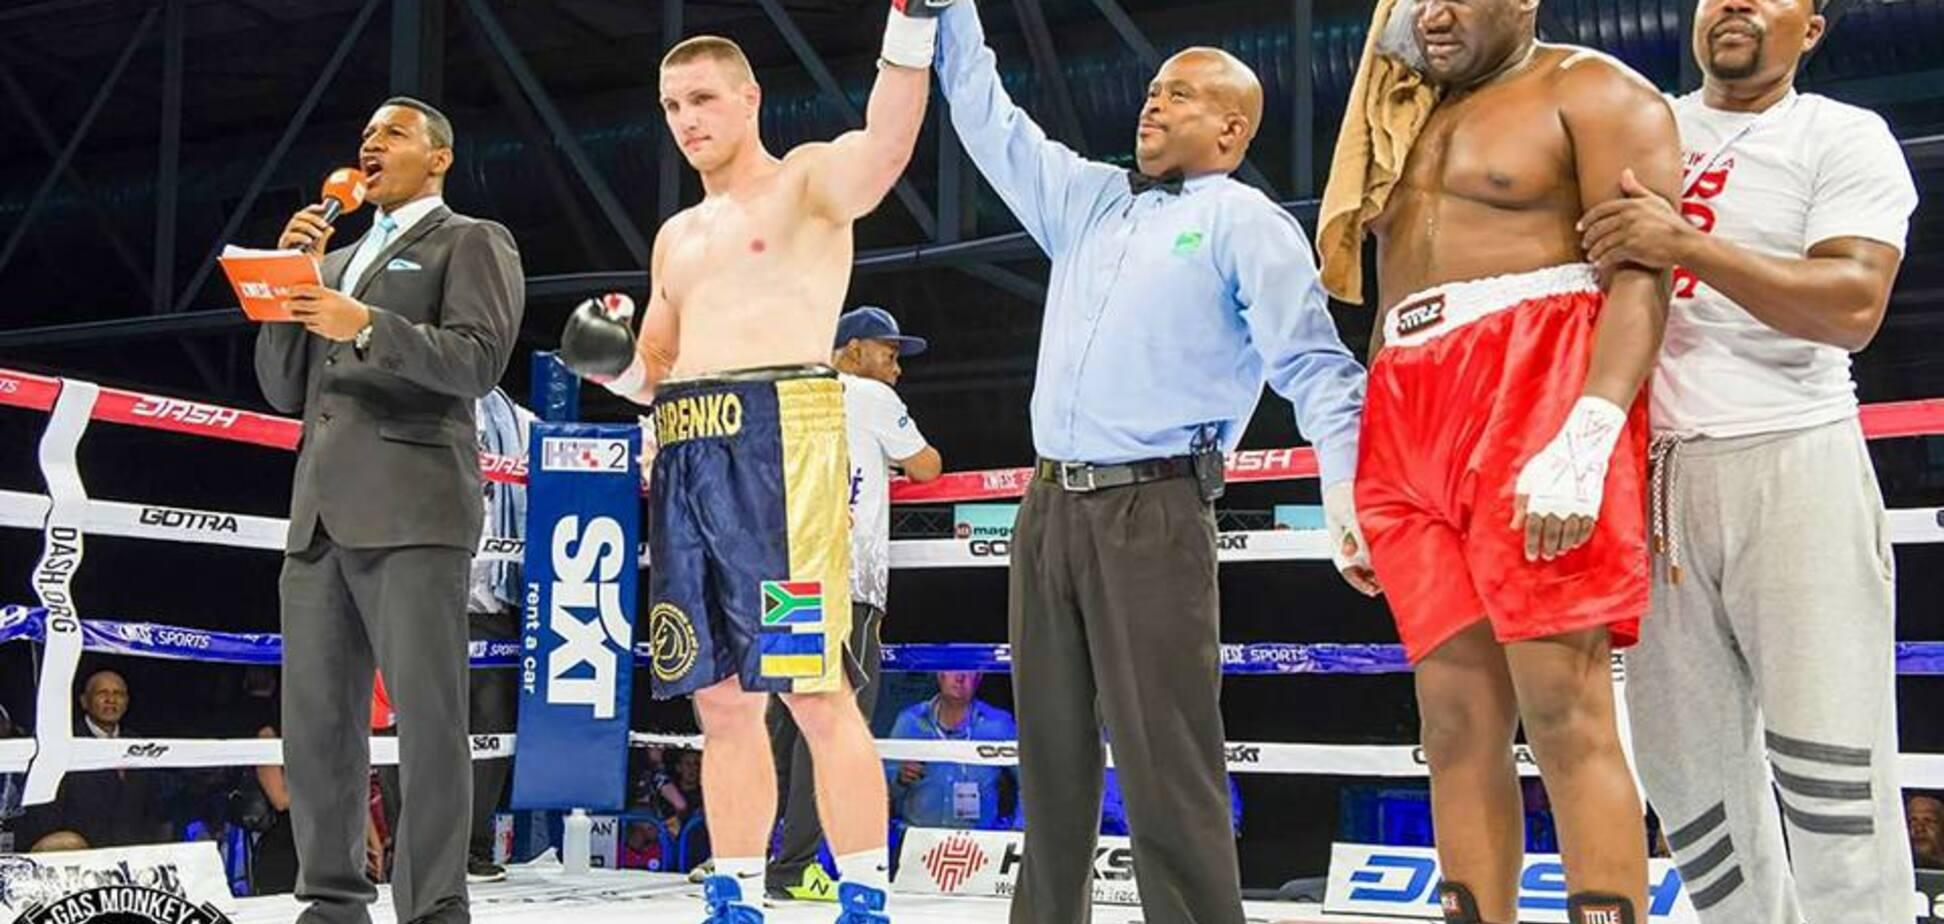 Непобедимый украинский боксер добыл яркую победу нокаутом - опубликовано видео